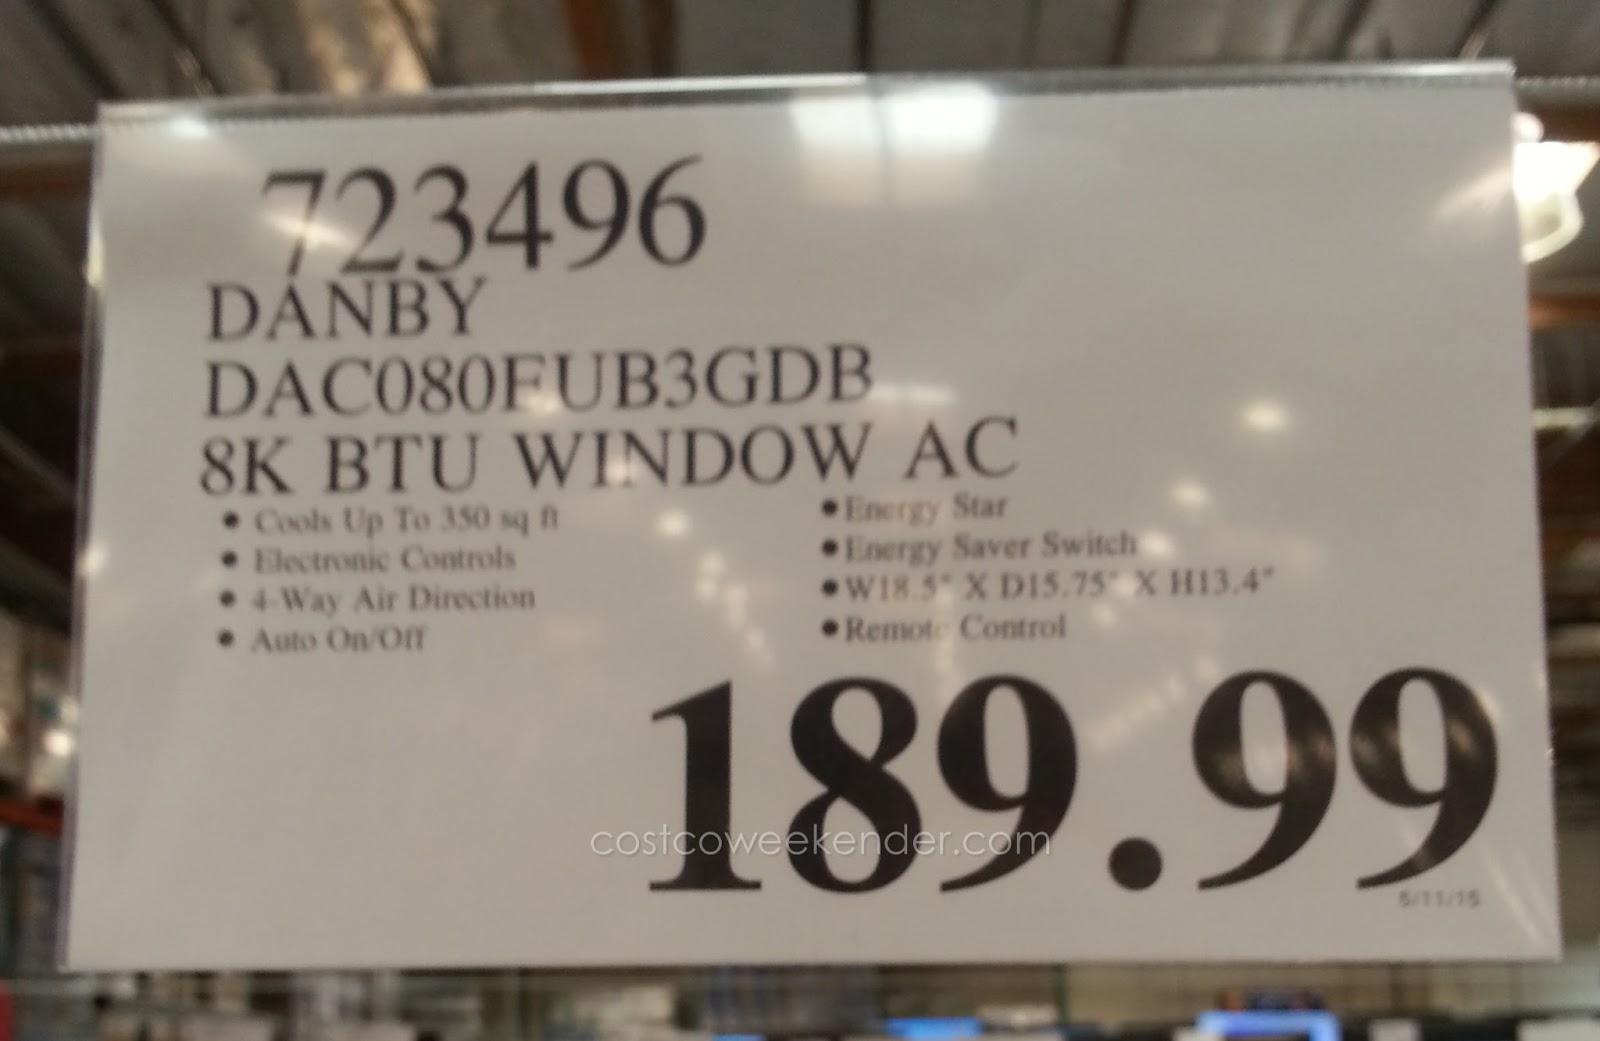 costco window air conditioner danby 8000 danby dac080eub3gdb window air conditioner fits in your window 8000 btu costco weekender